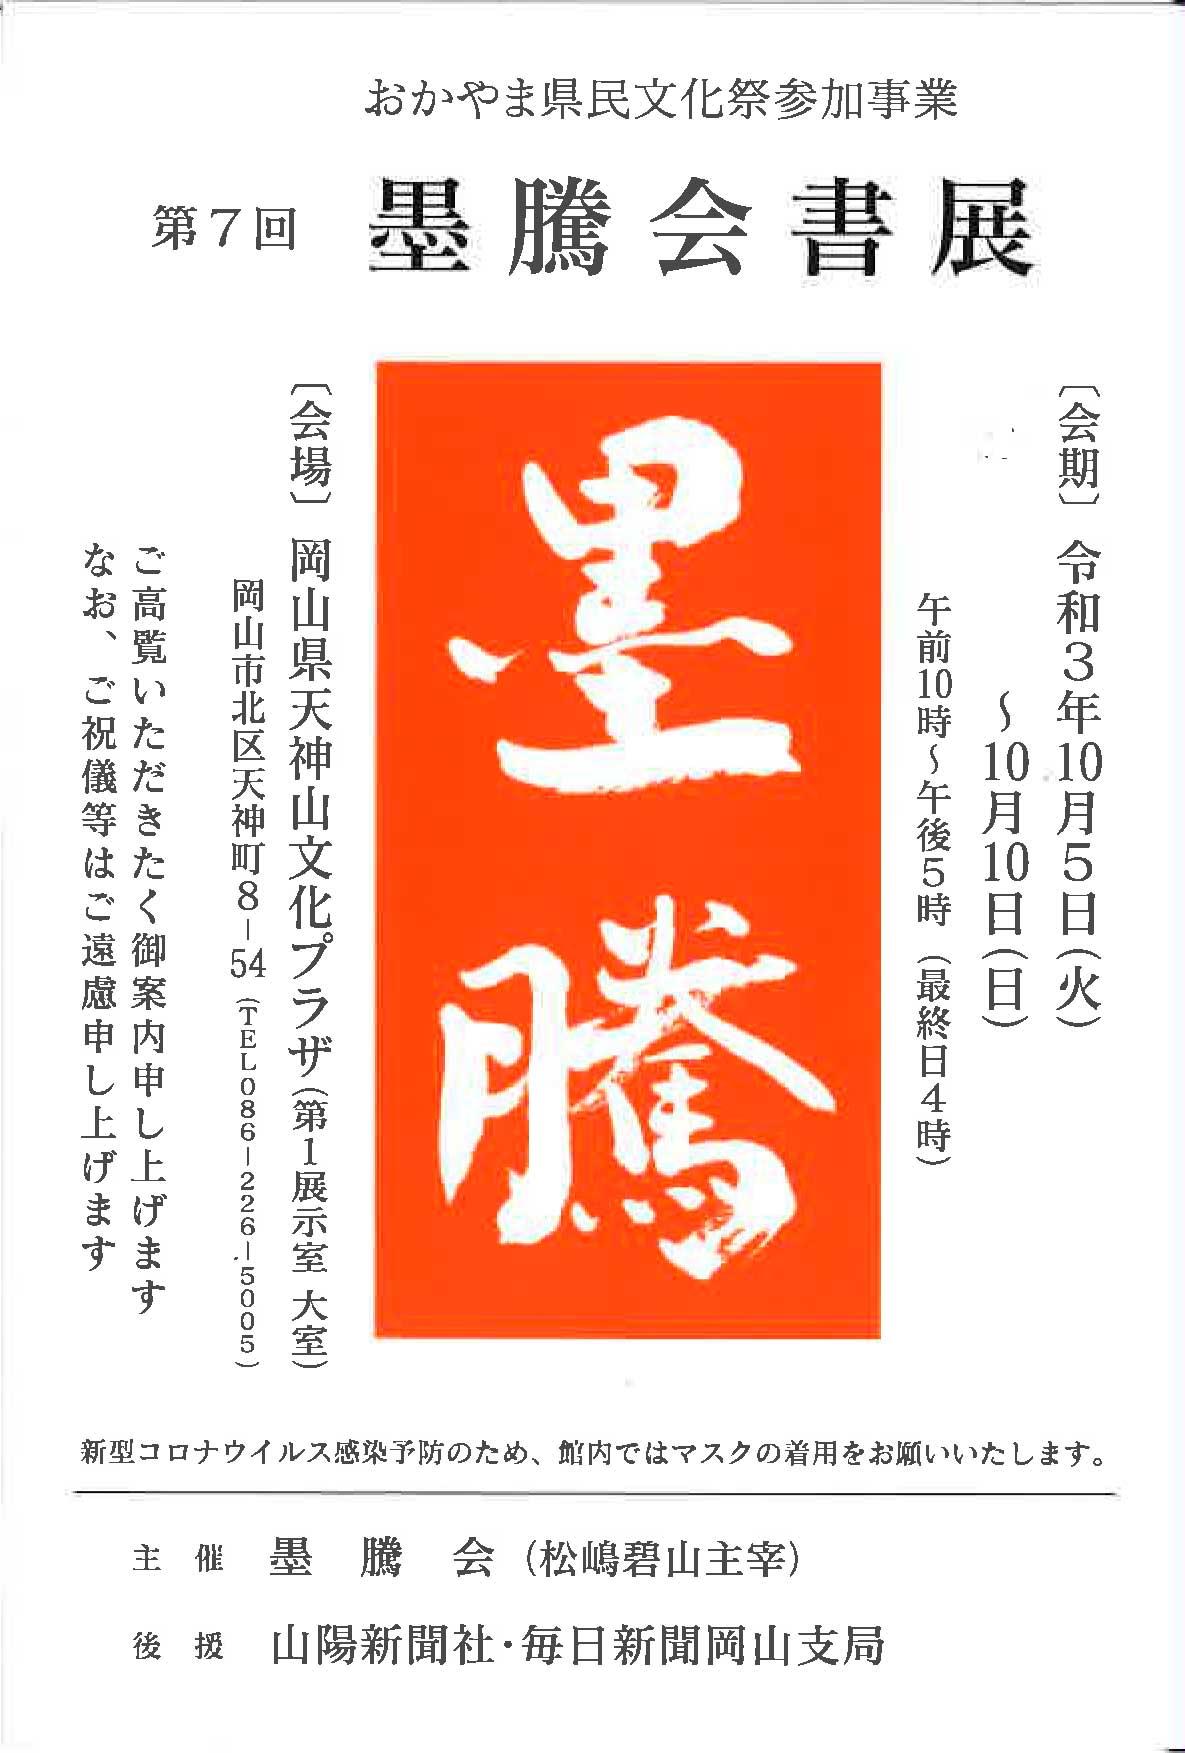 【展覧会情報】第7回 墨騰会書展